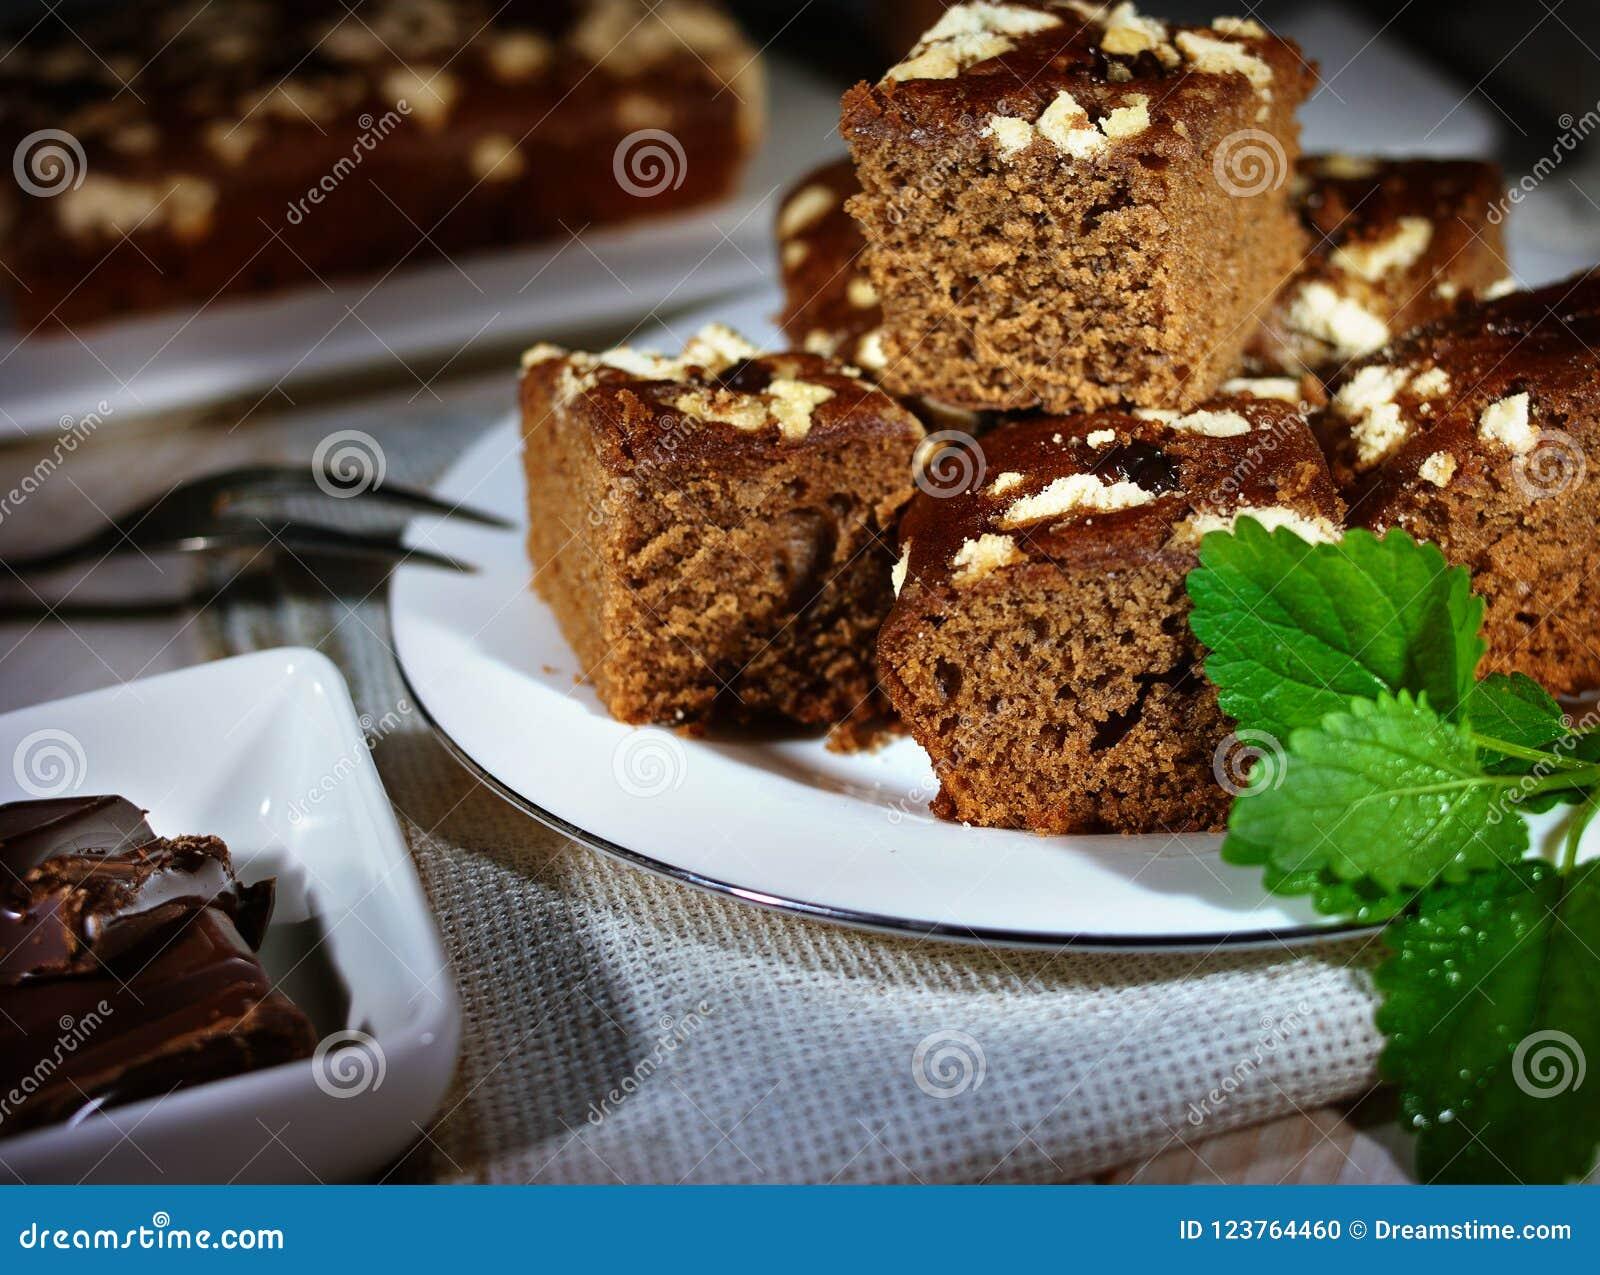 慕尼黑饼,新鲜薄荷离开,编结巧克力,亚麻布餐巾,木桌